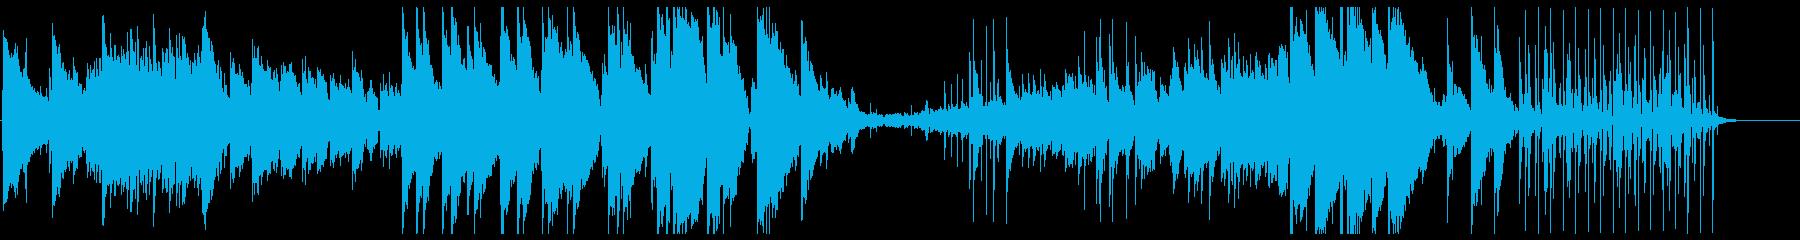 幻想的なギターサウンドの再生済みの波形